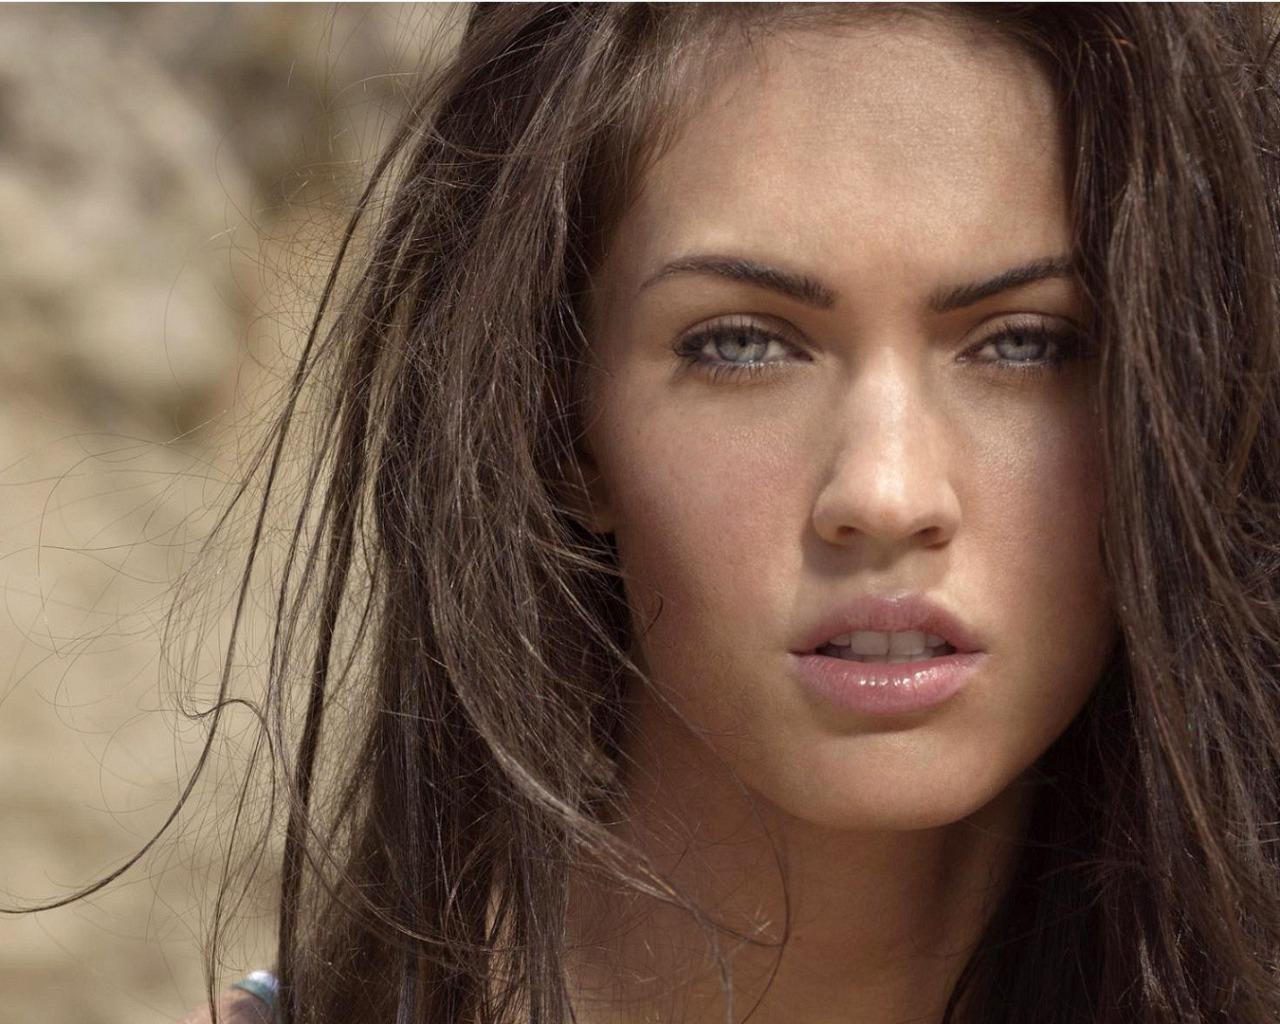 Megan Fox HD Wallpaper 1280x1024 1280x1024